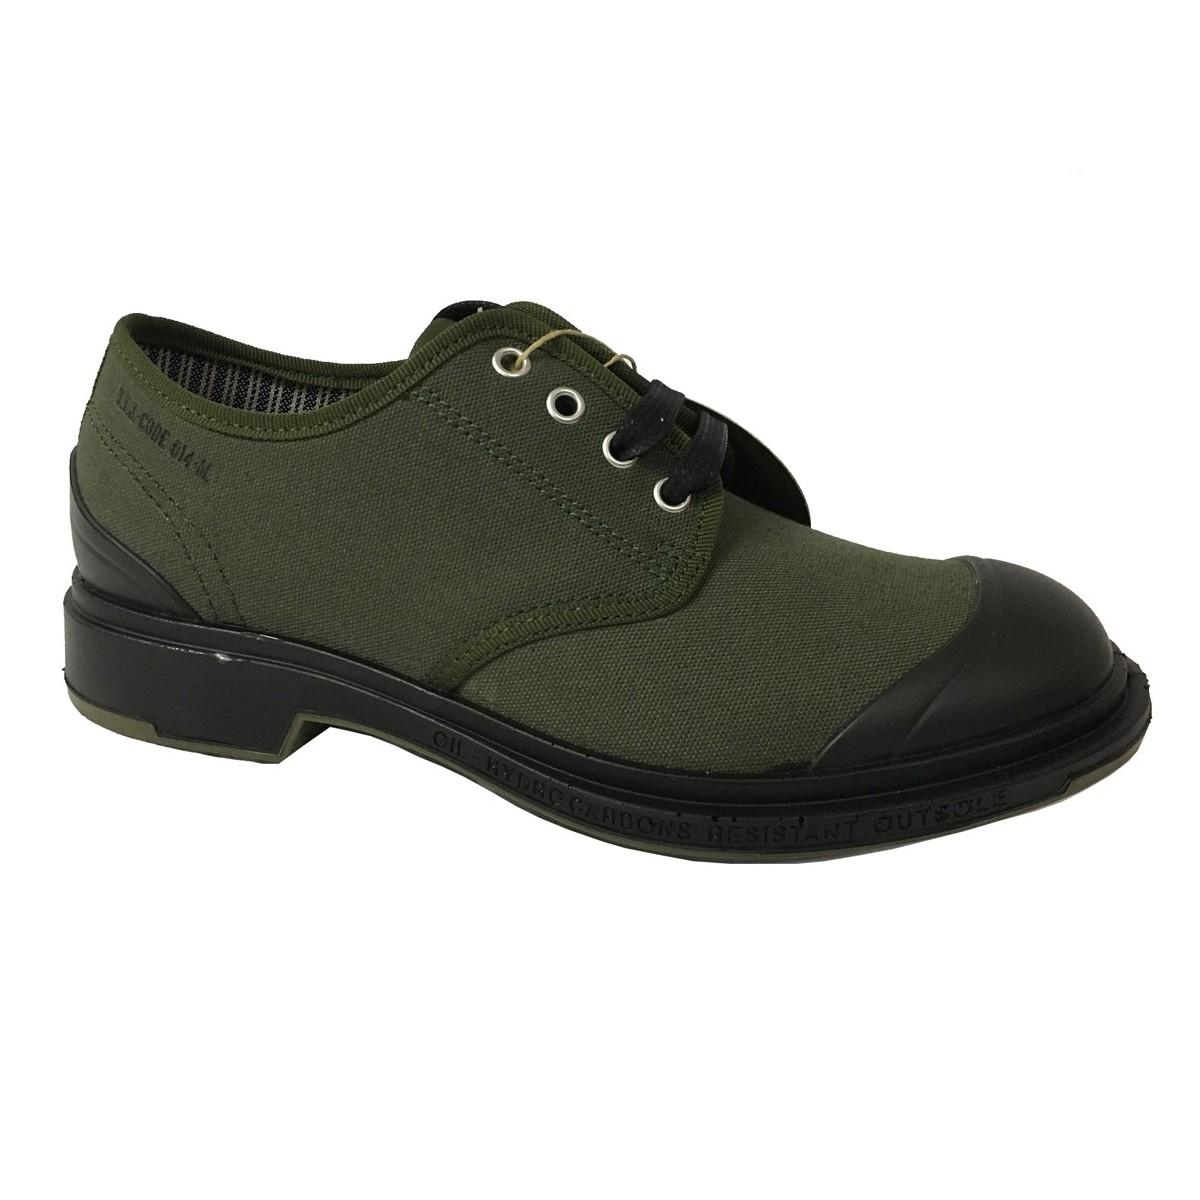 PEZZOL 1951 scarpa uomo in canvas verde e gomma mod MONSTER 014FZ-49